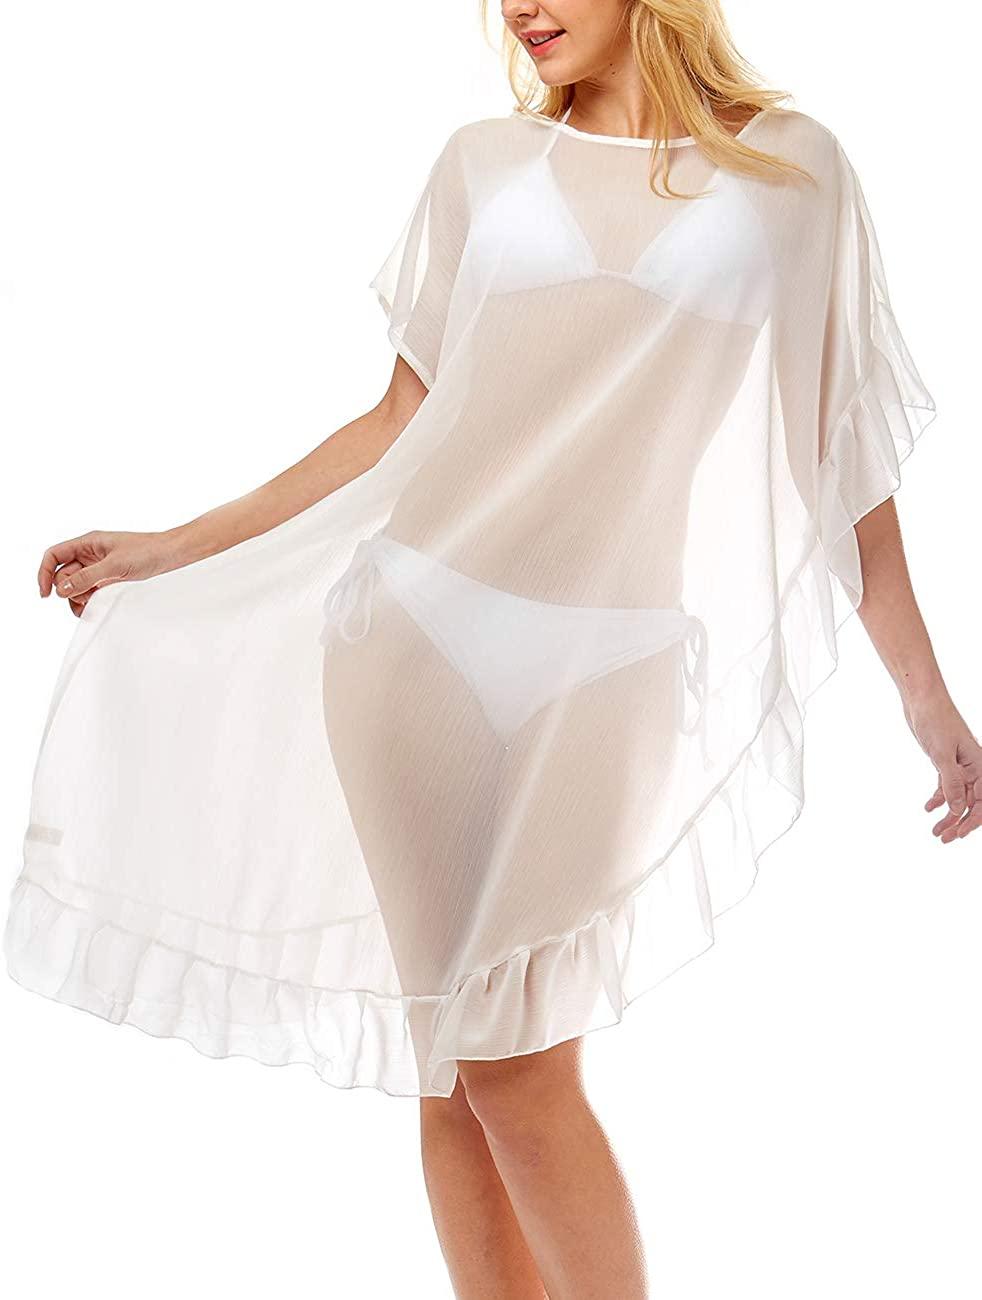 MIRMARU Women's Summer Half Ruffled Chiffon Bikini Beach Cover Up - Sheer Lace Bathing Suit Beachwear Long Dress.